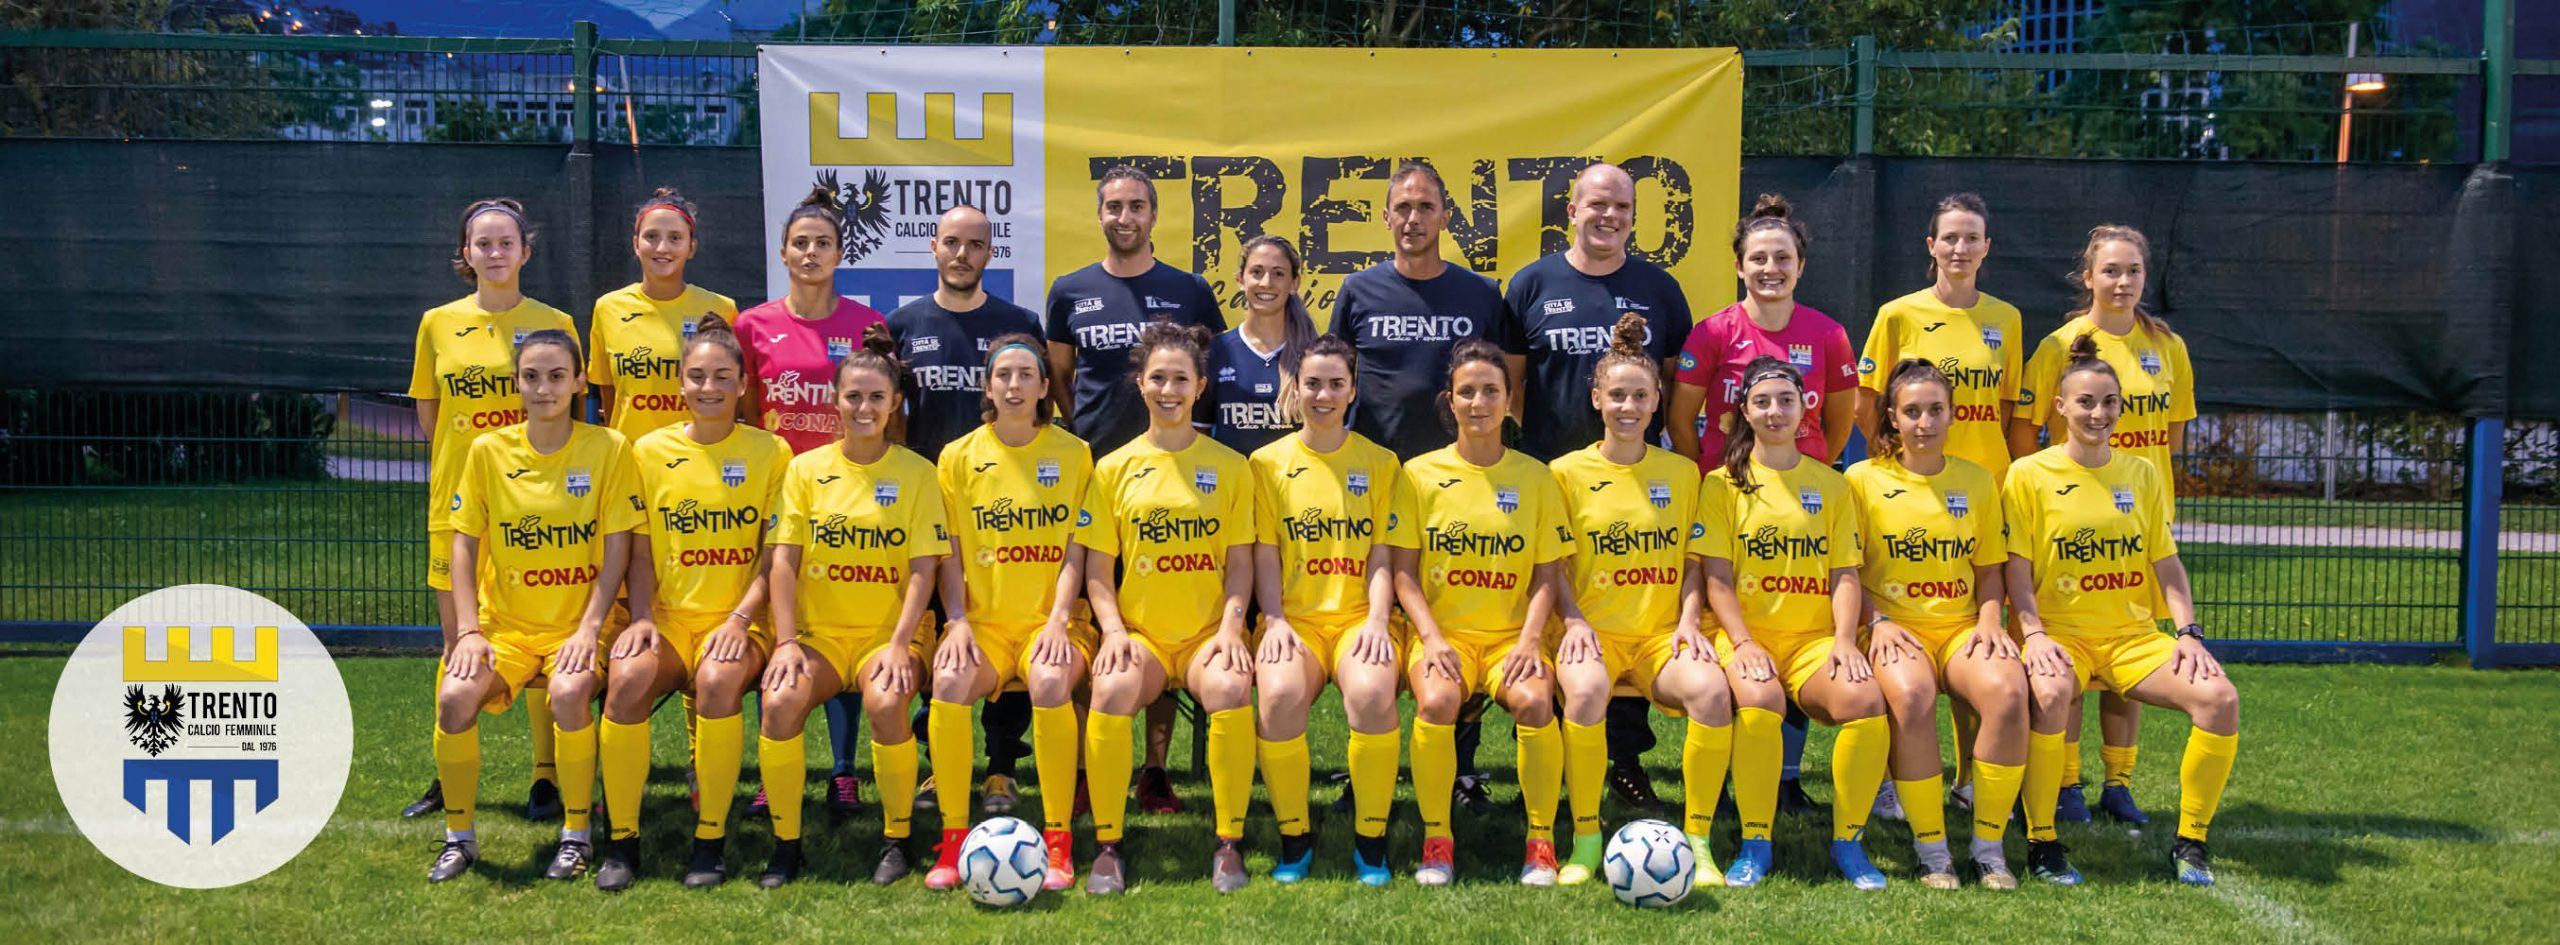 ACF Trento Calcio Femminile